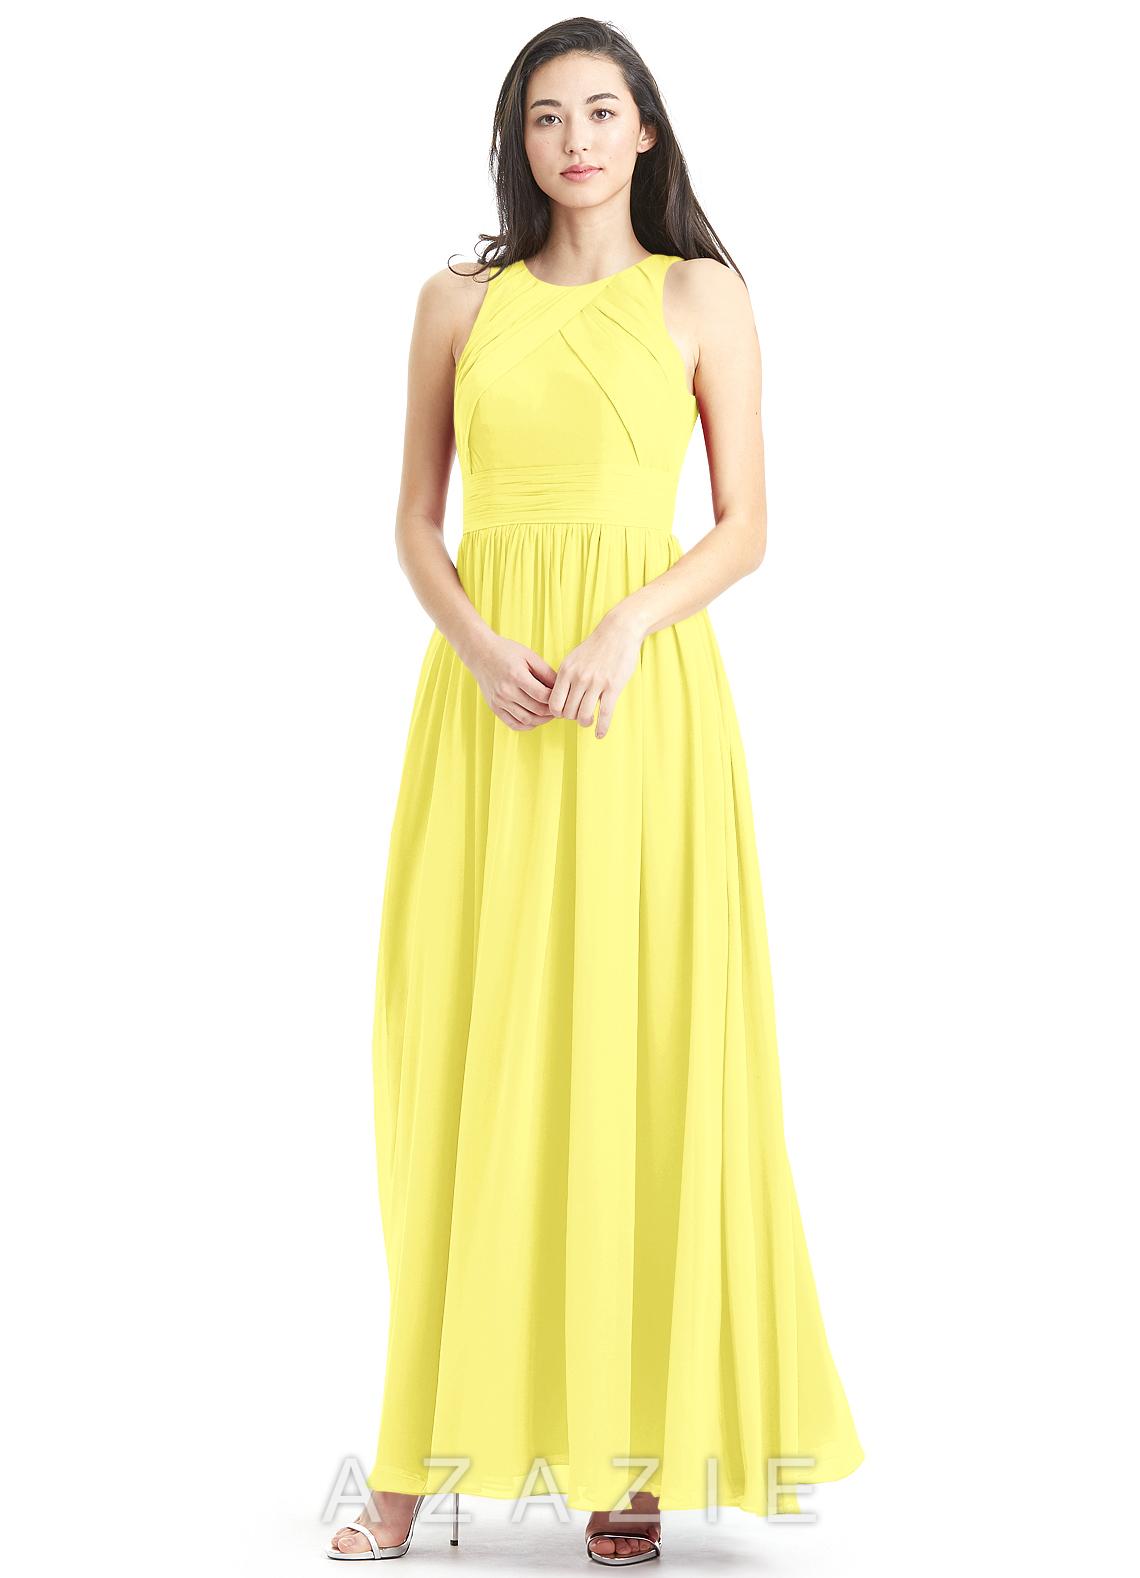 Azazie harper bridesmaid dress azazie color lemon ombrellifo Images